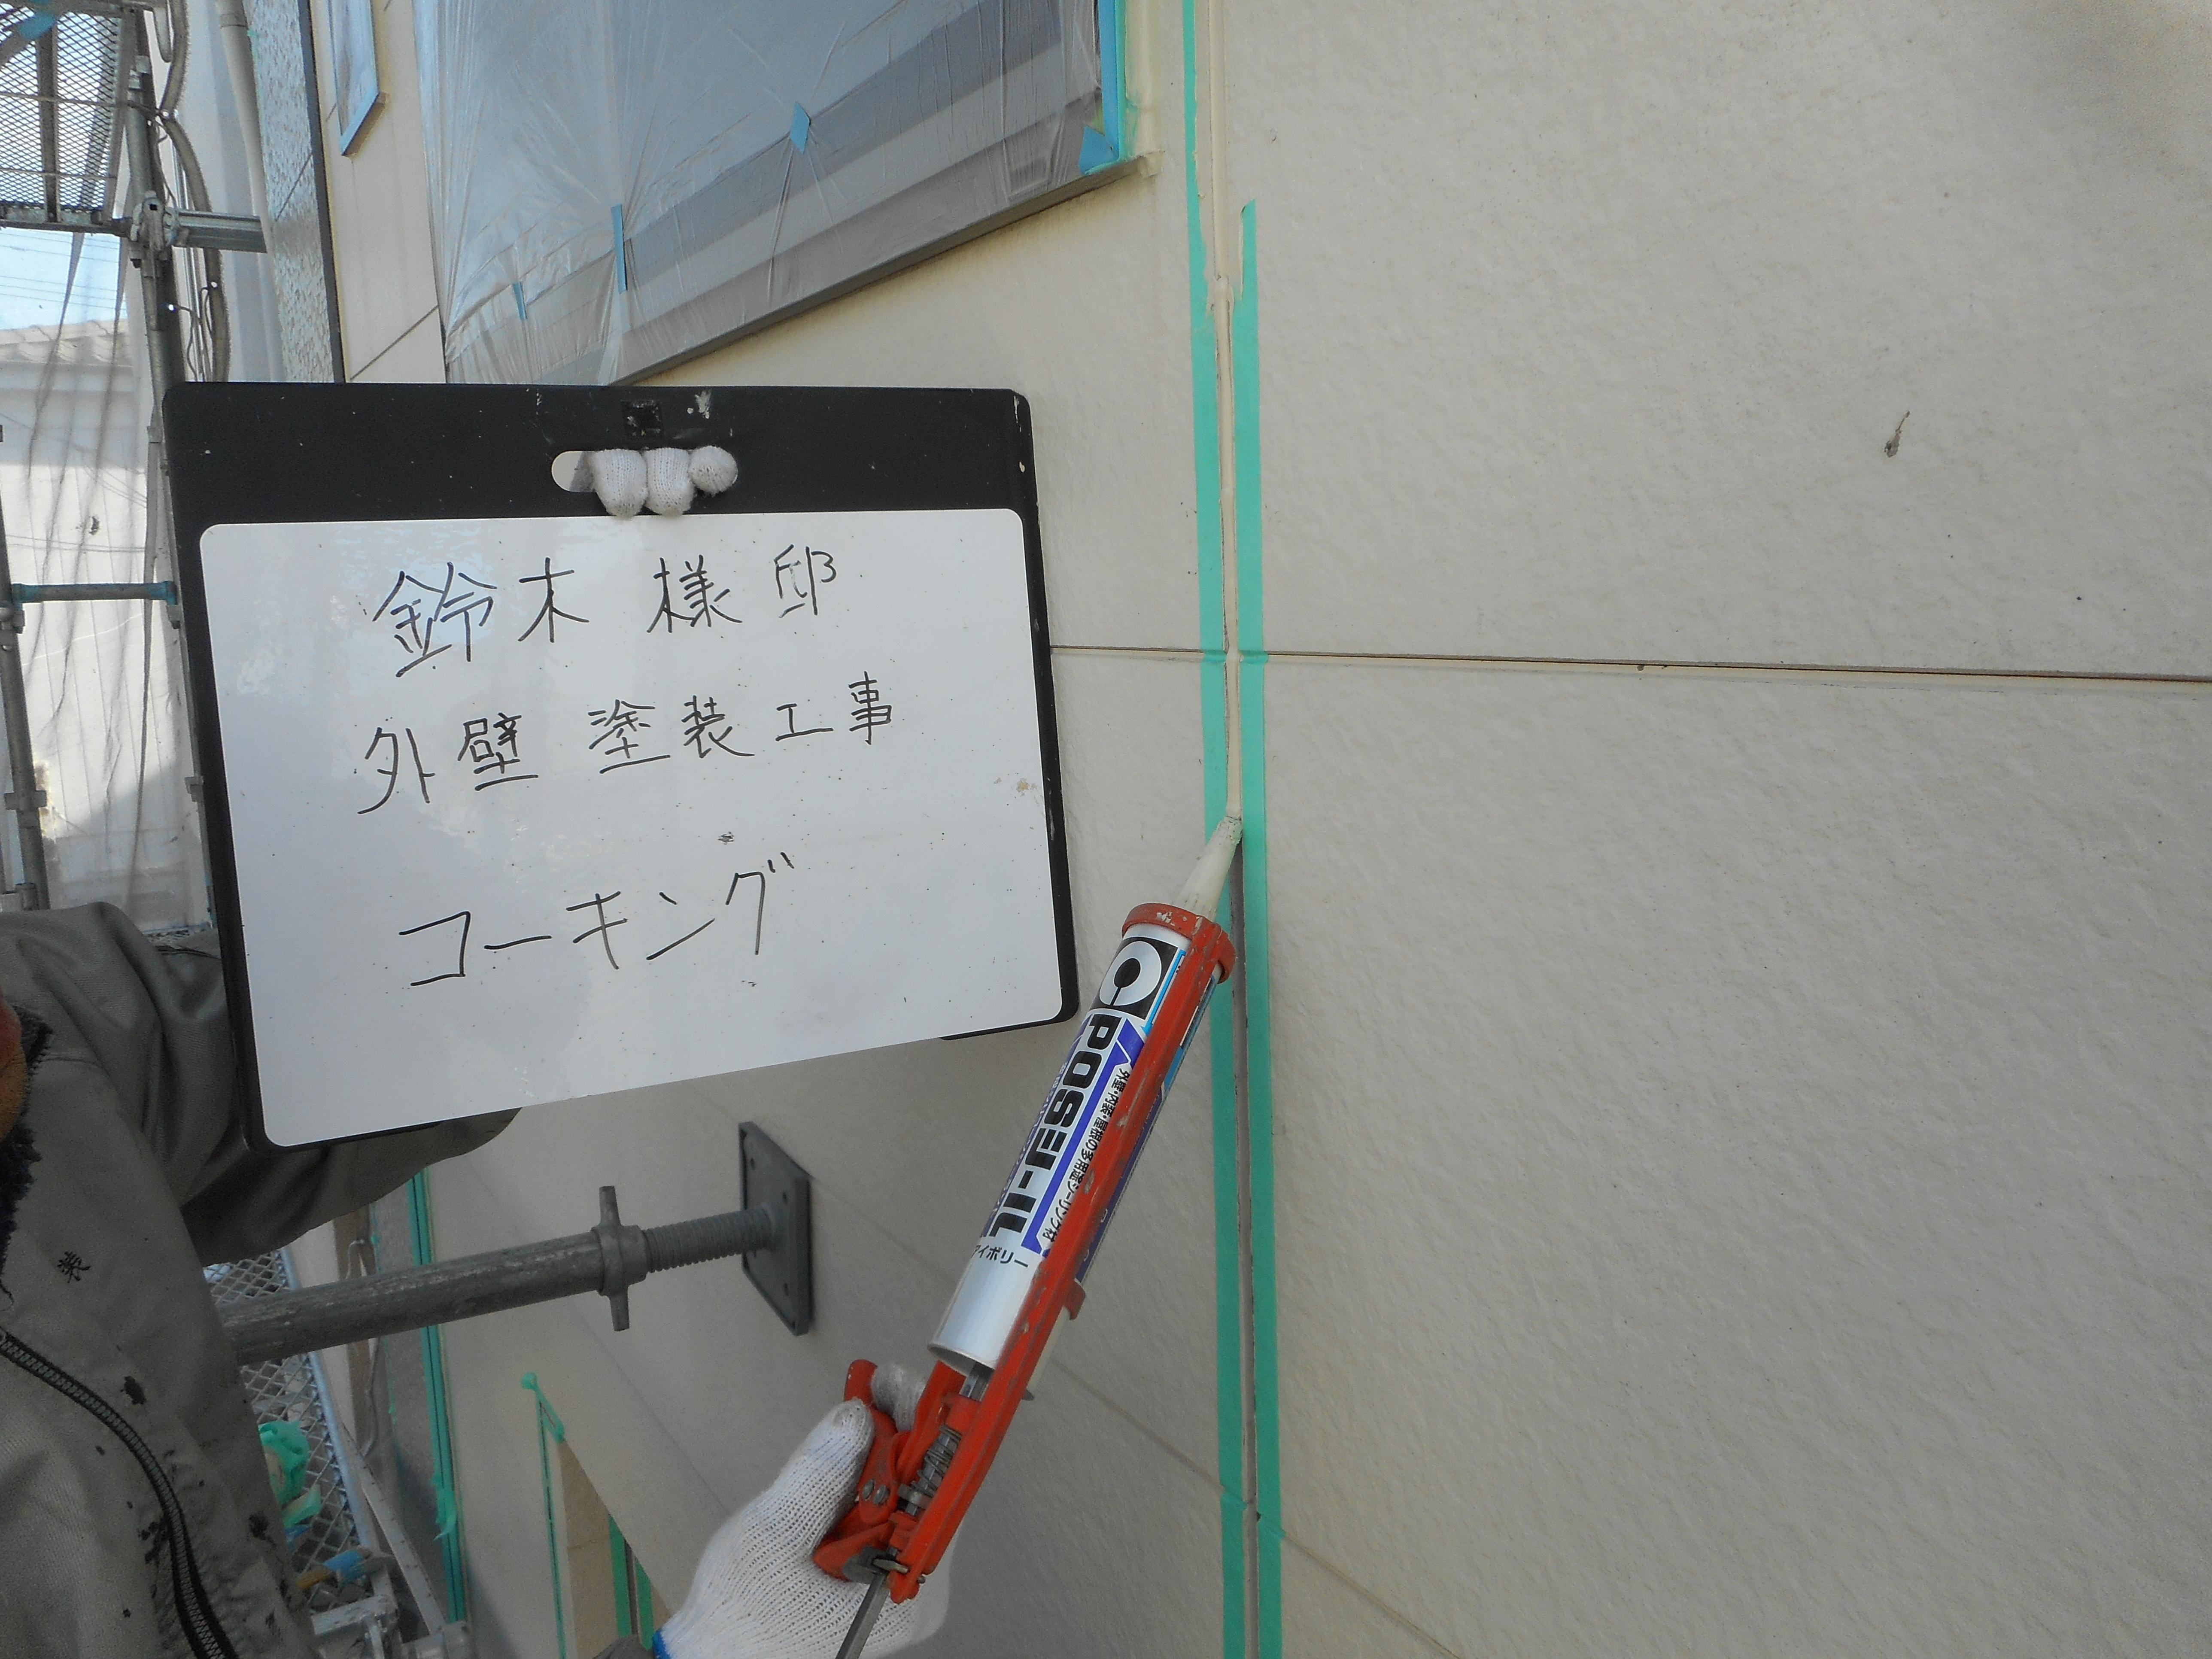 【川口市】外壁塗装&屋根専門店 カワグチペイントの外観写真 ⑤コーキング処理